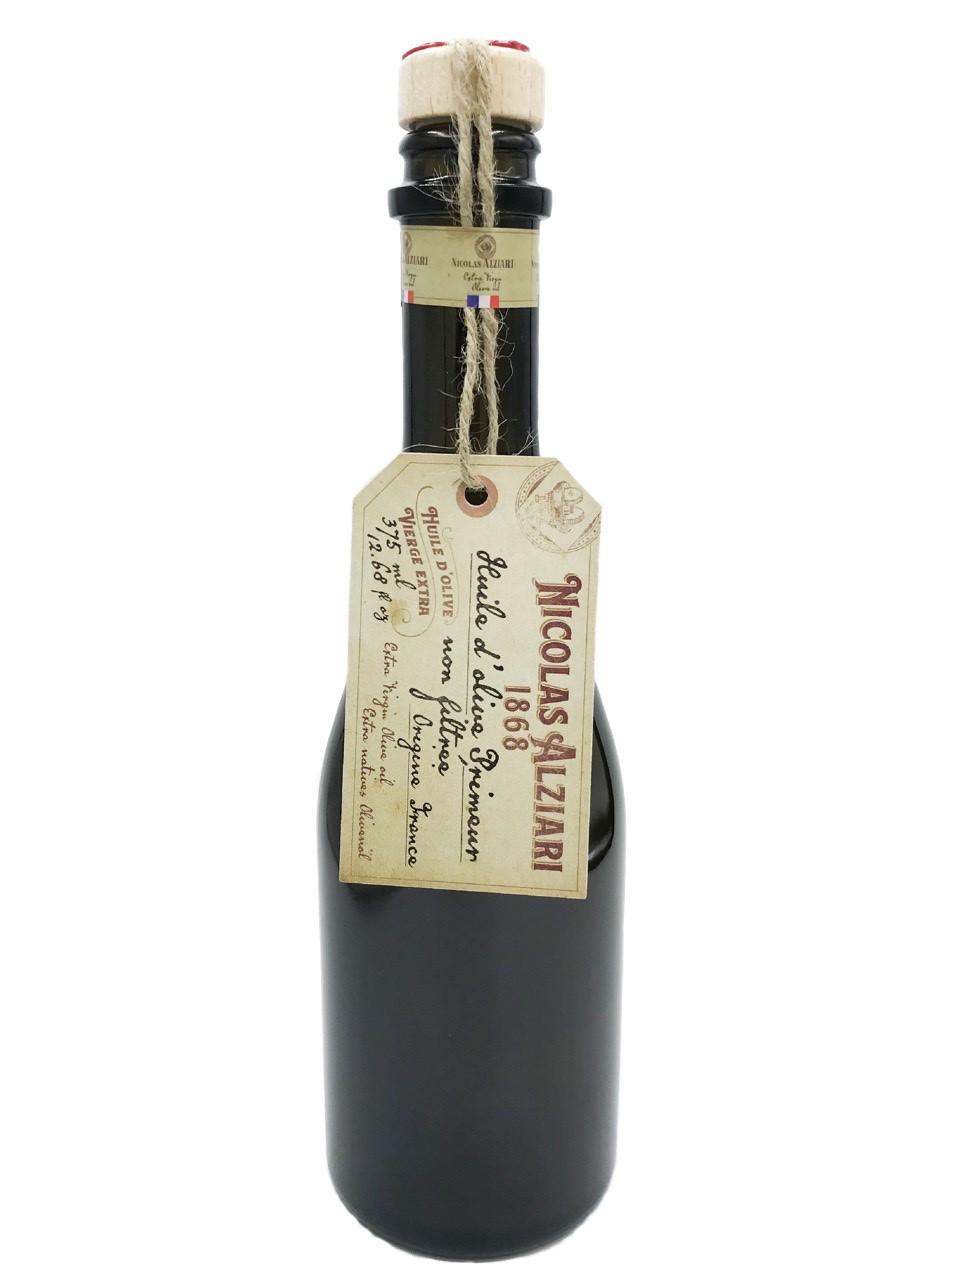 Huile d'olive primeur non filtrée 375 ml (bouteille club) récolte 2019 - Nicolas Alziari